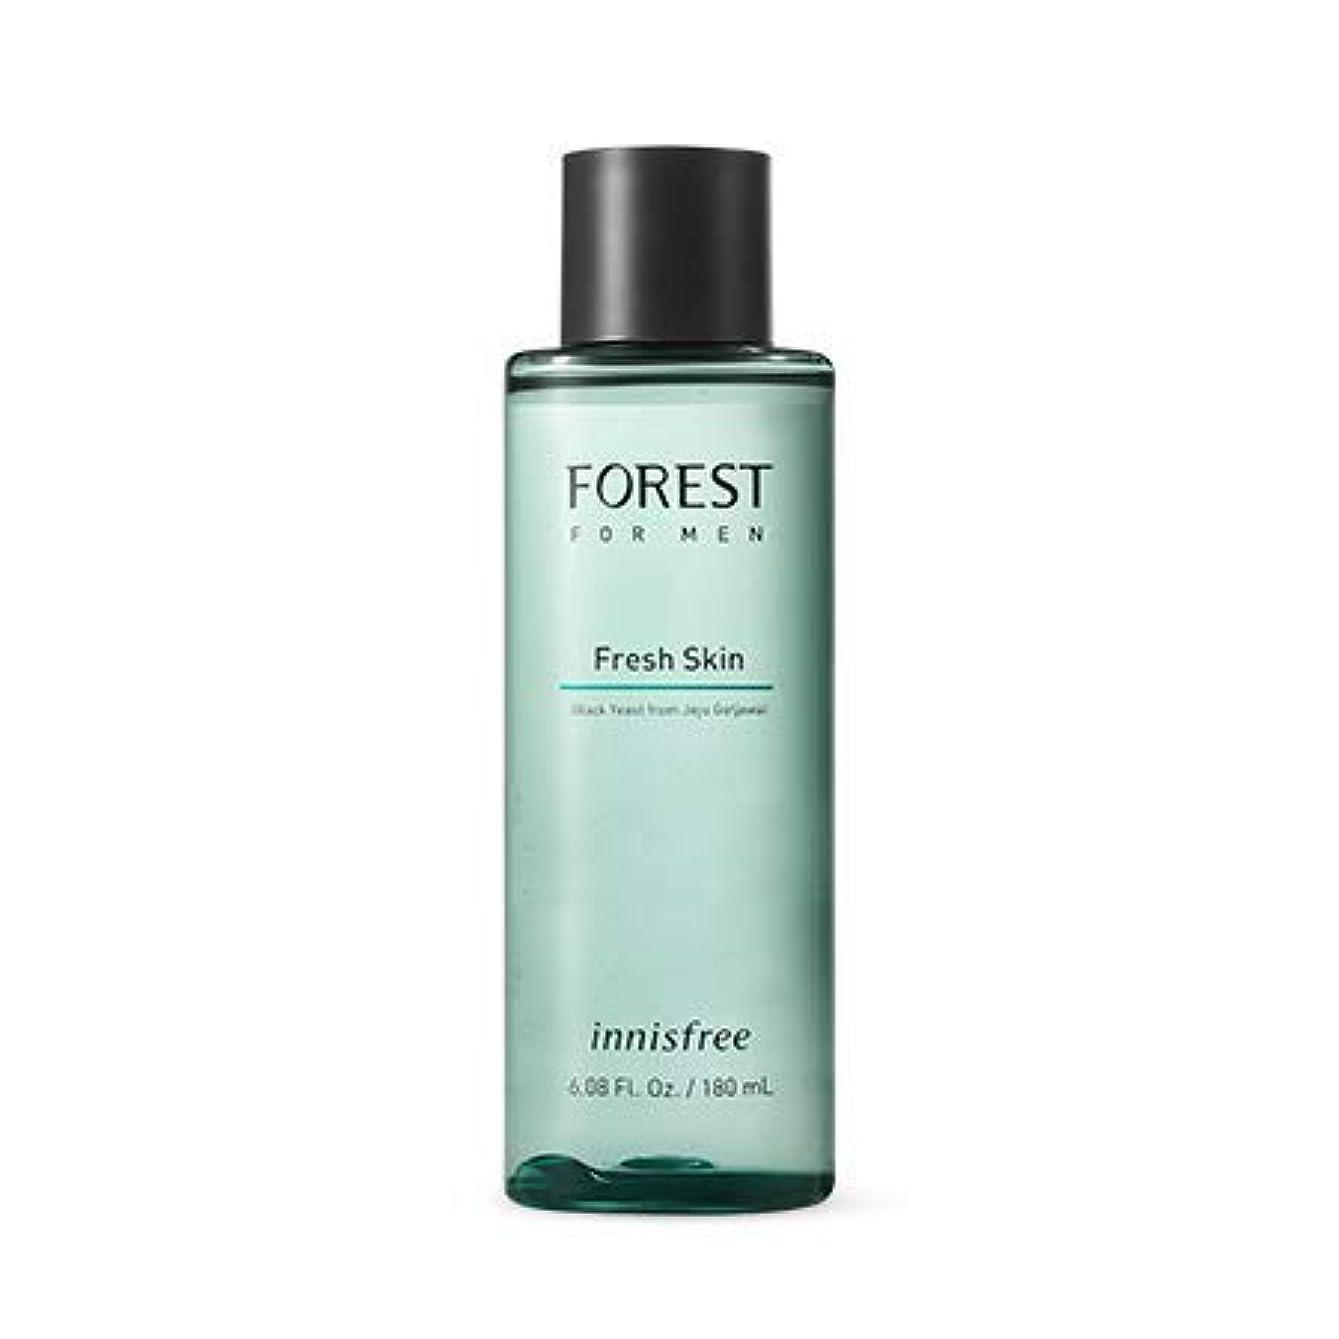 ピストン銅認証[イニスフリー]フォレストフォアマンフレッシュスキン180mL(2019.05 new)Forest for Men Fresh Skin